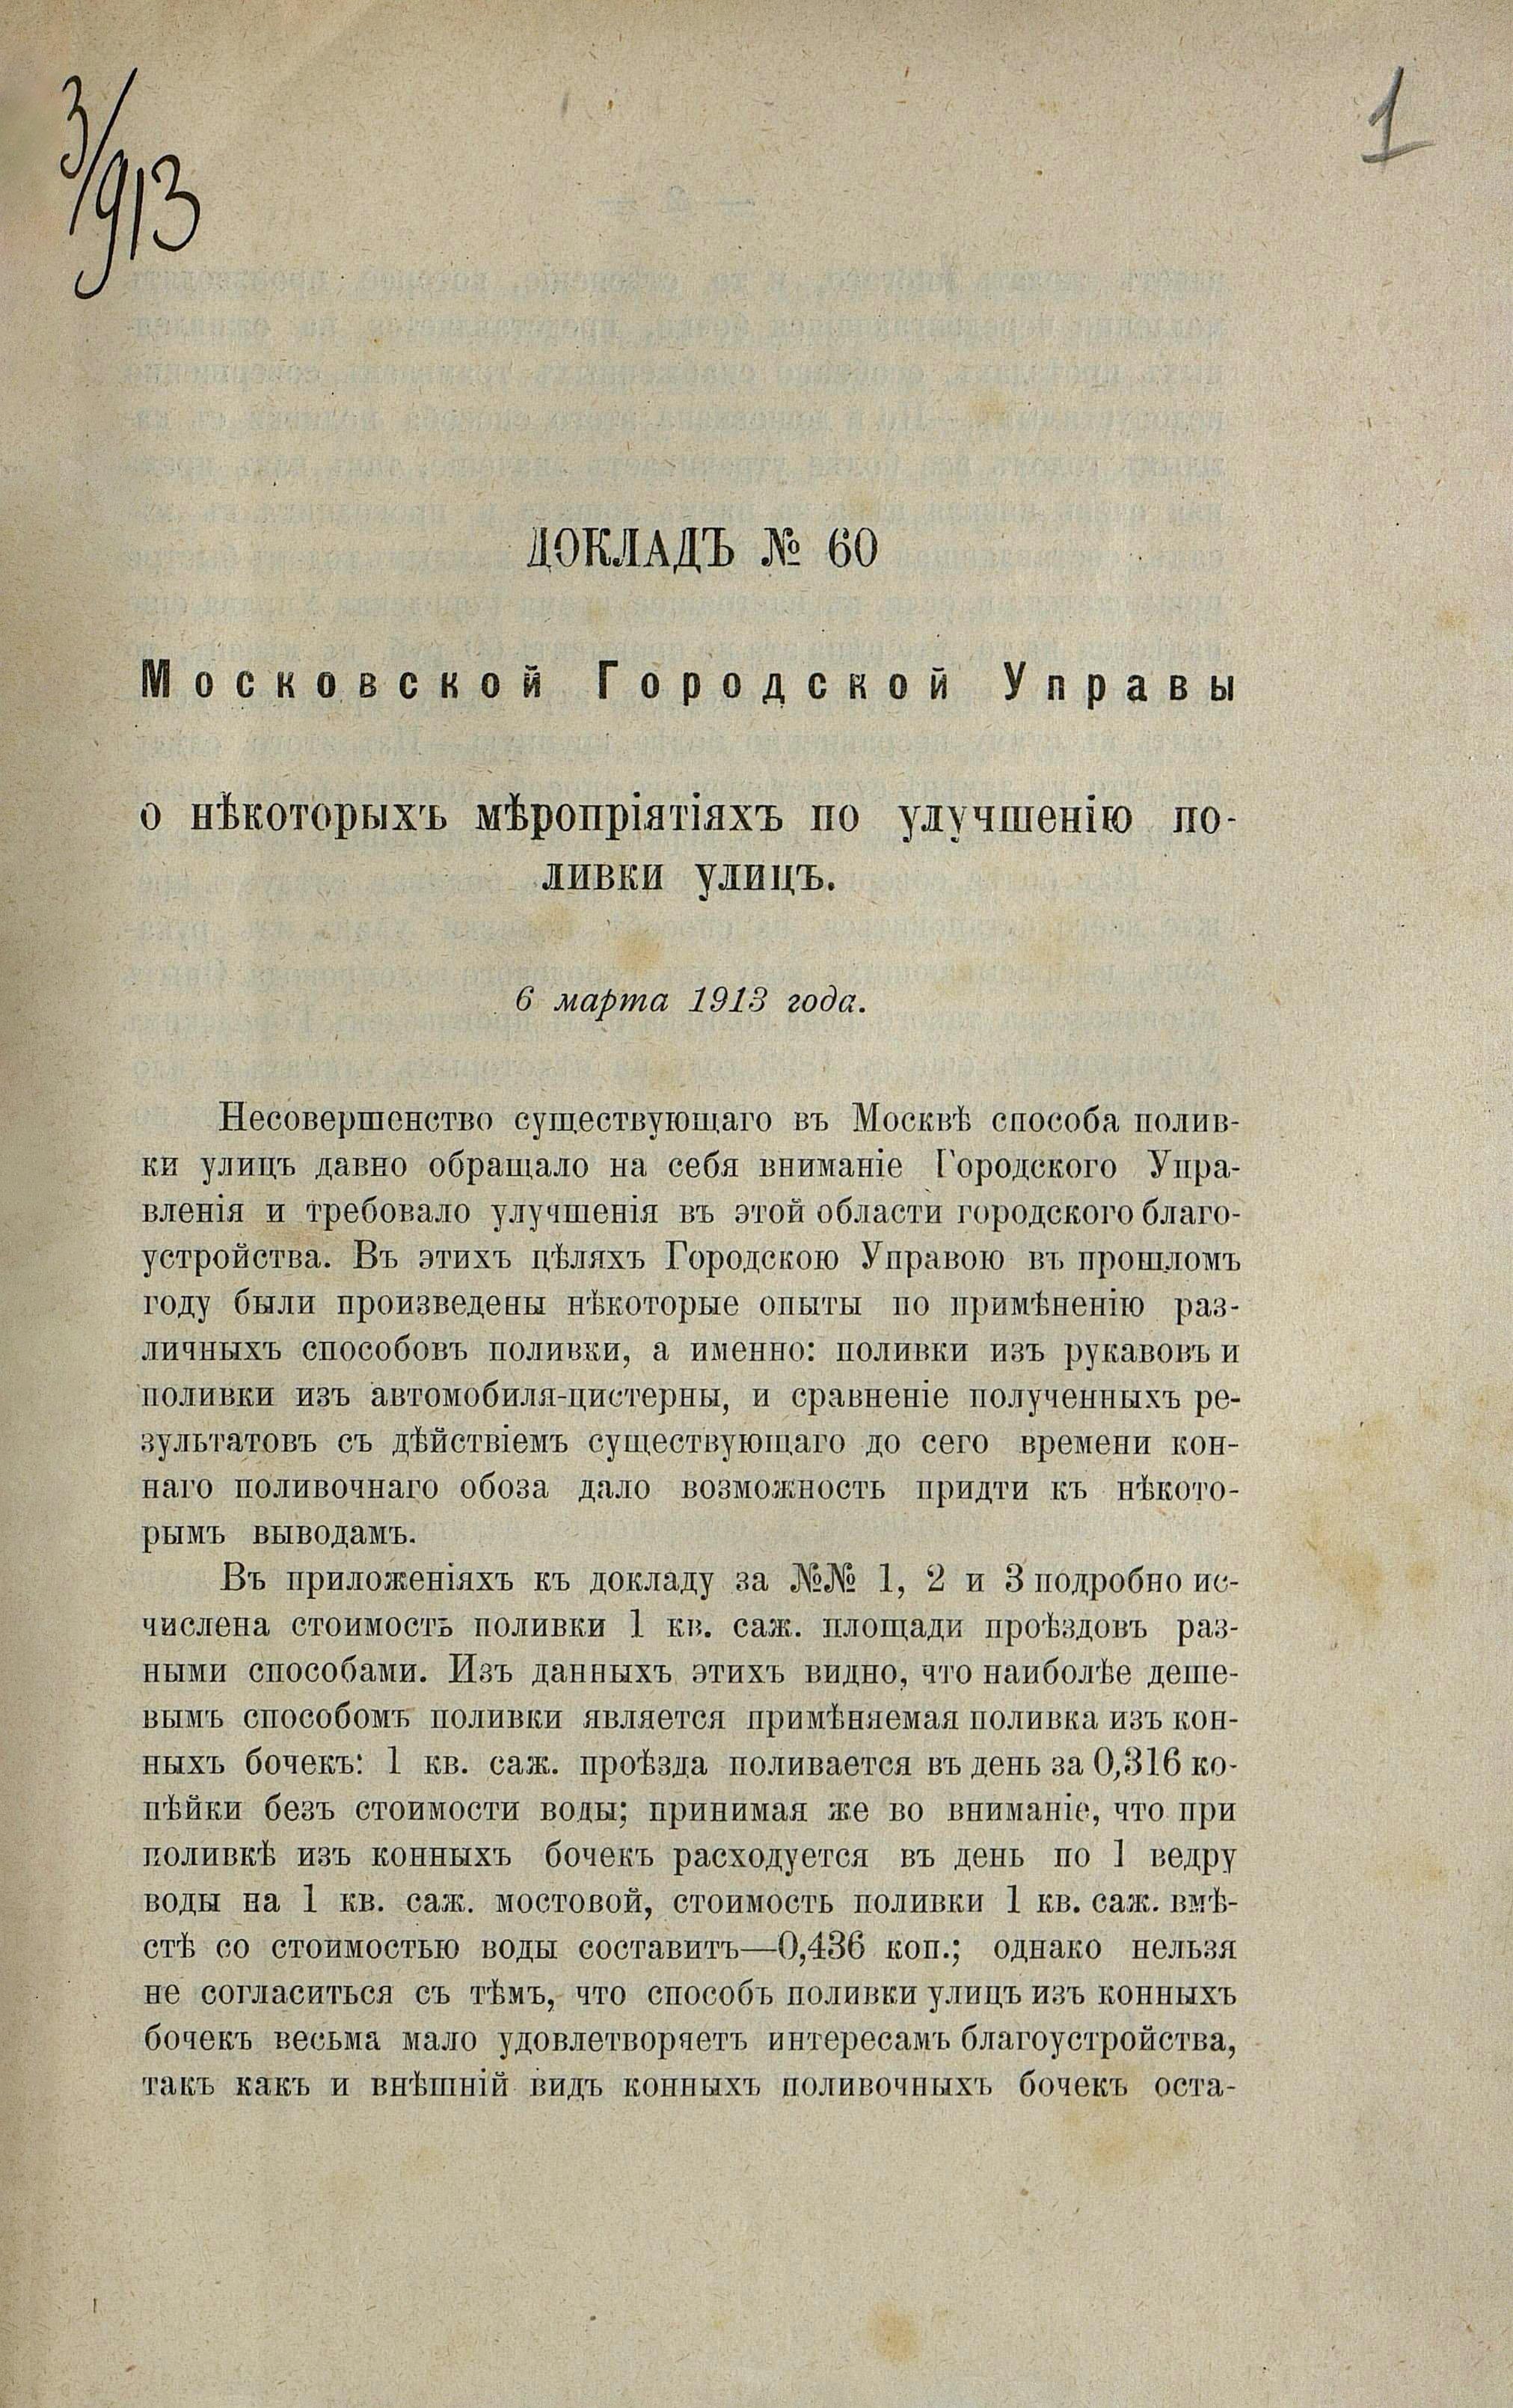 Доклад Московской городской управы о мероприятиях по улучшению поливки улиц. 6 марта 1913 года